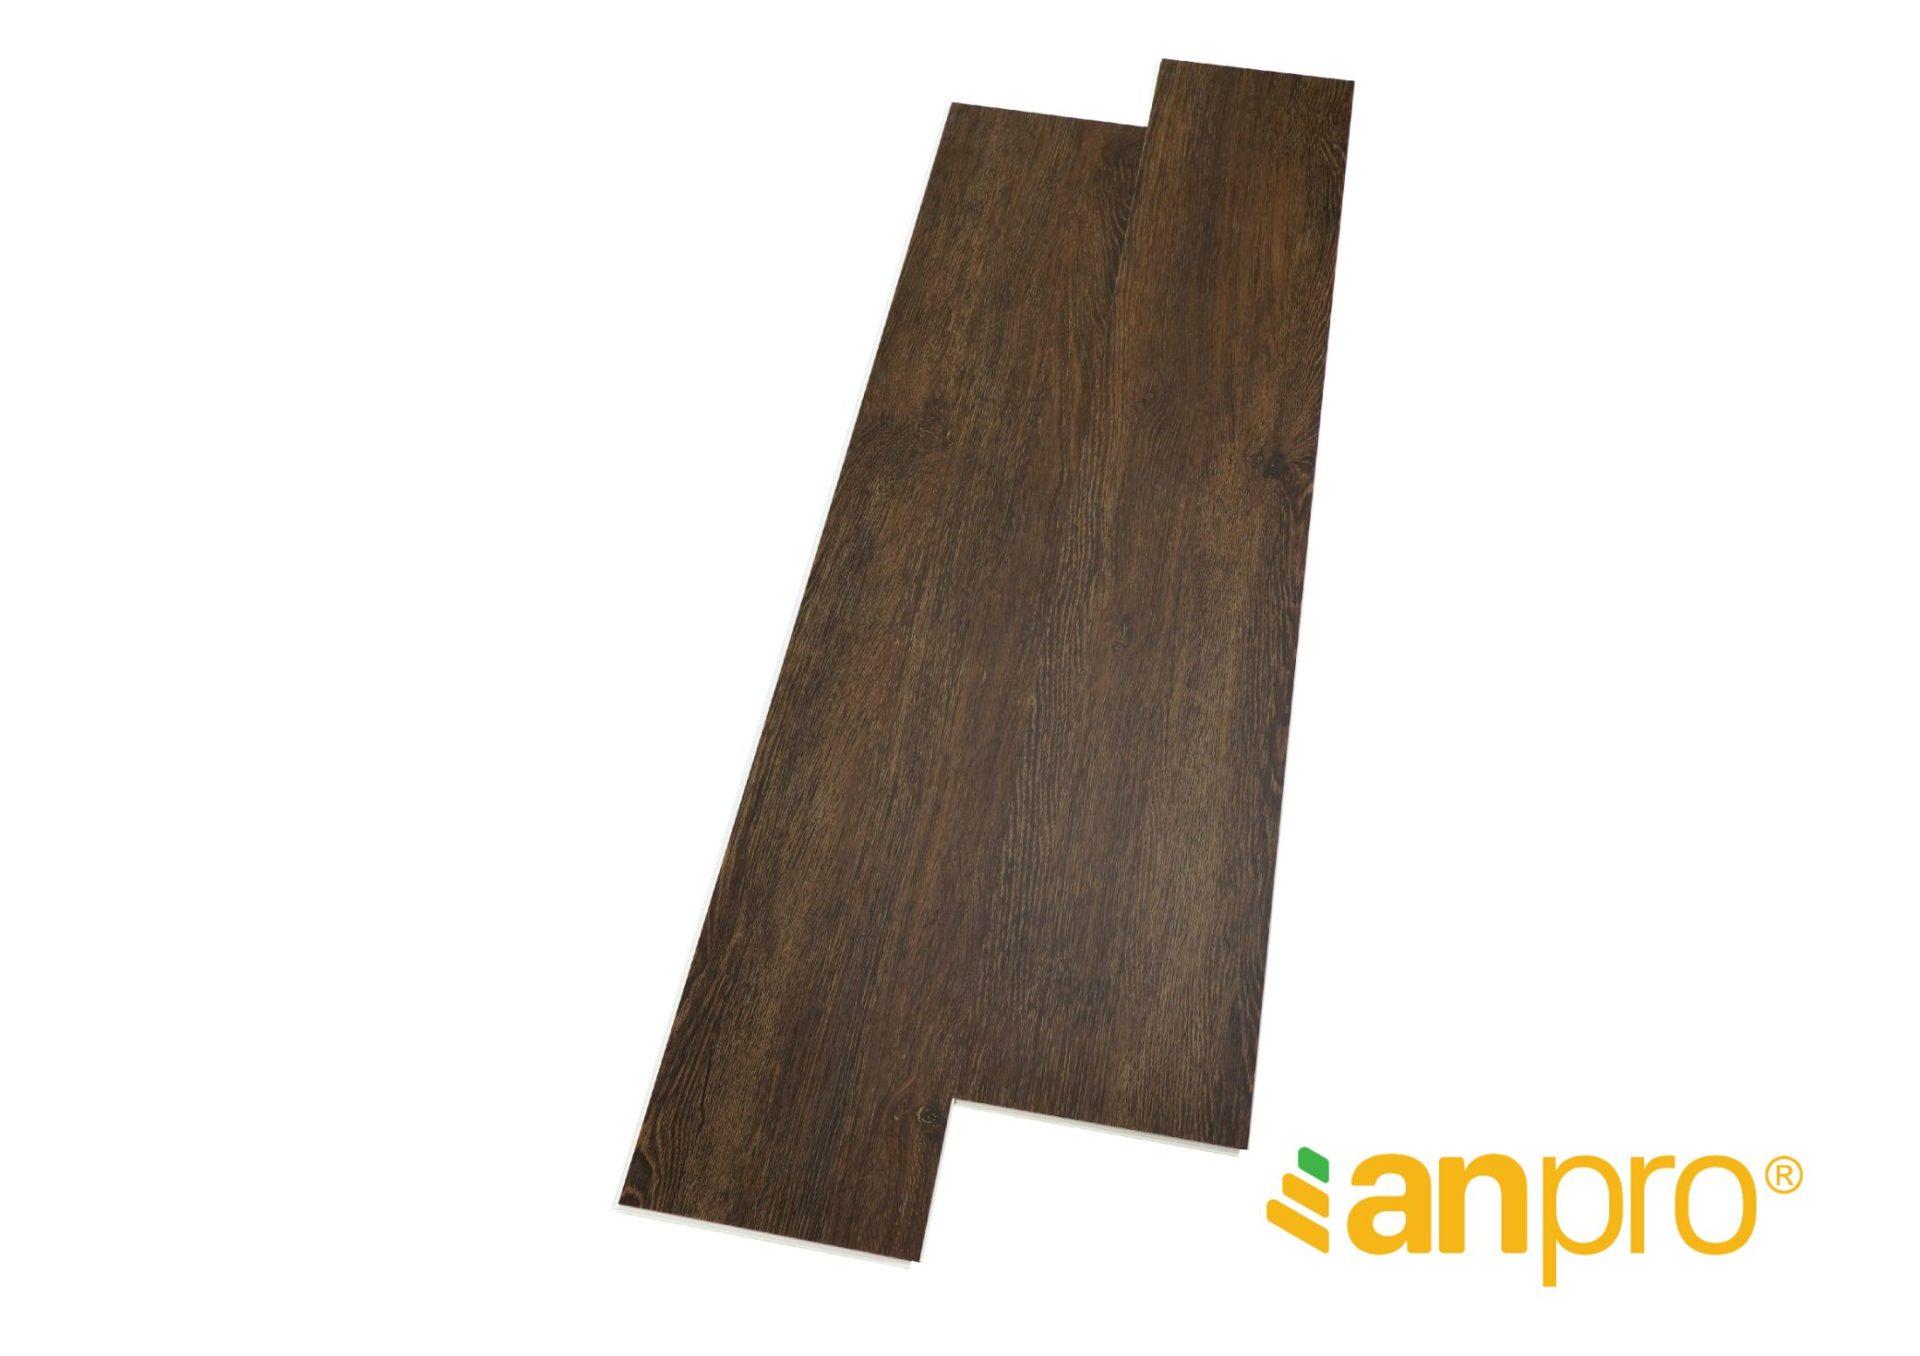 SA141 01 01 01 - Sàn AnPro vân gỗ SA148